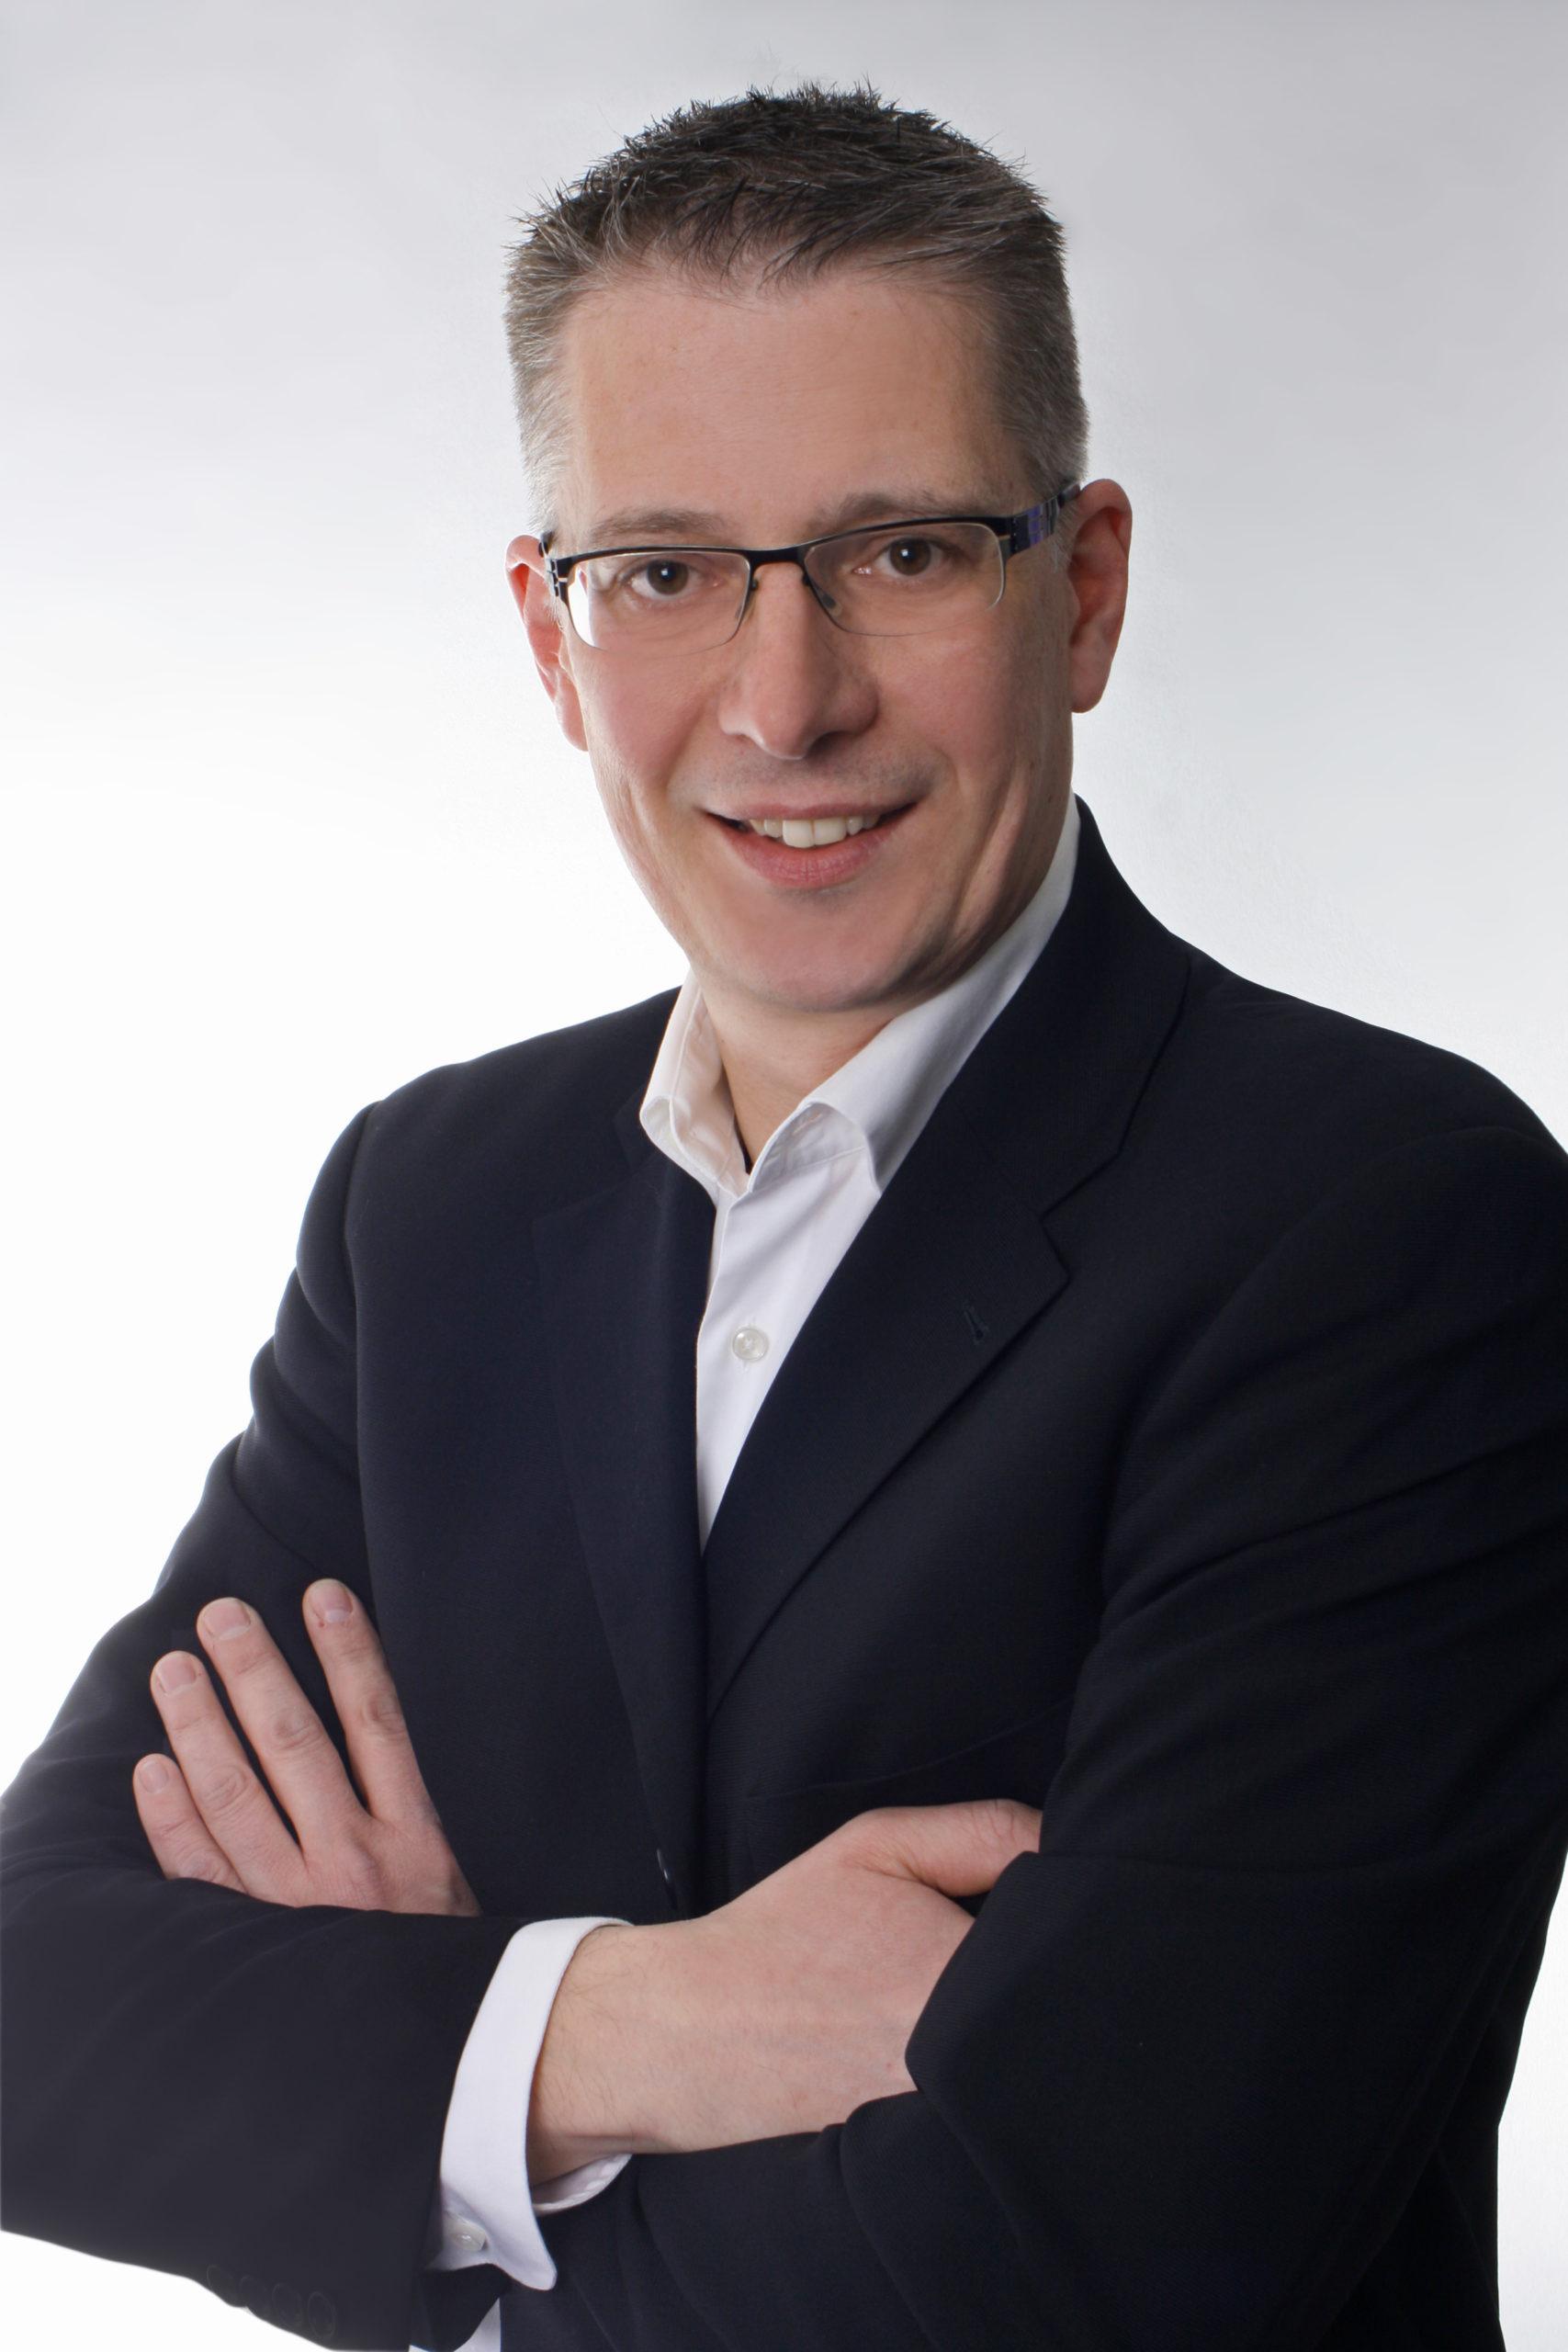 Jochen Schmauder